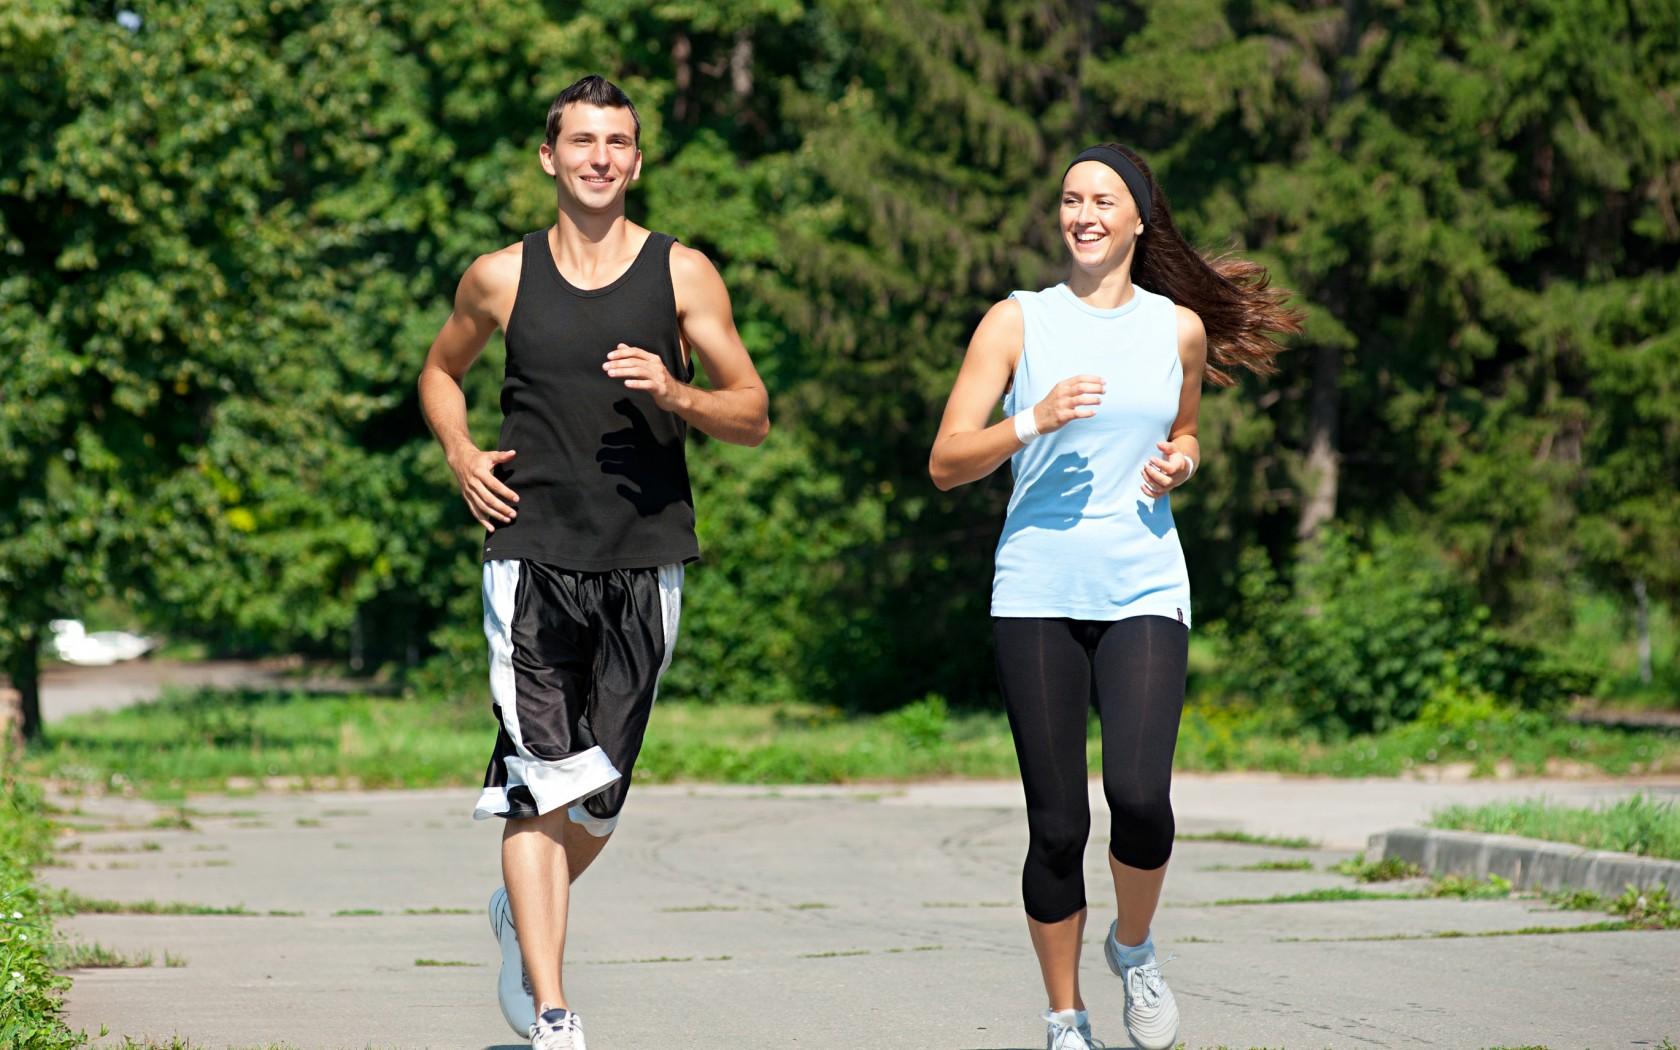 sport sante - jogging - exercice physique - energie - entrainement - bien-etre - forme